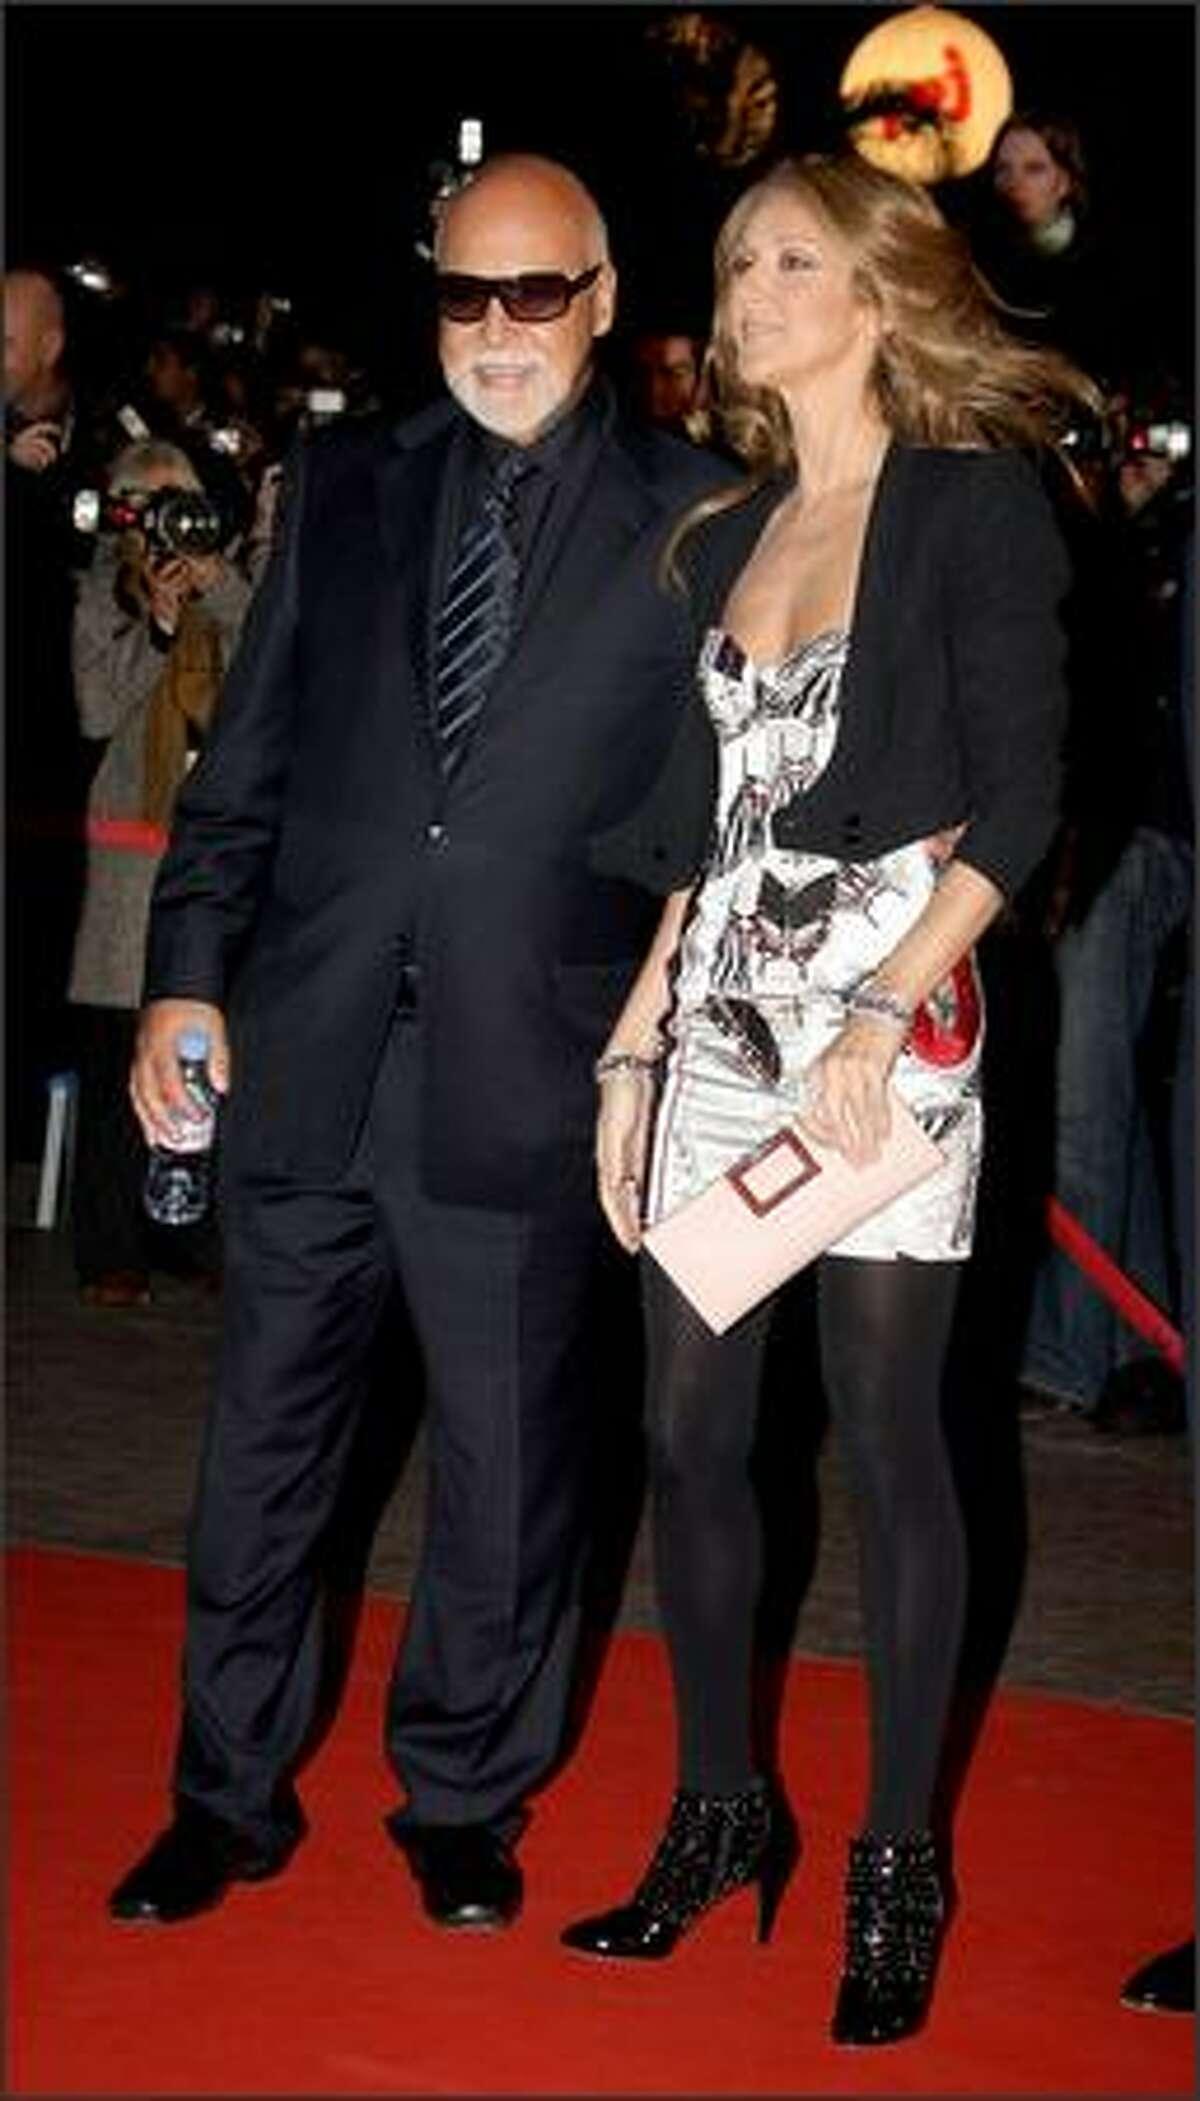 Singer Celine Dion and husband Rene Angelil attend.